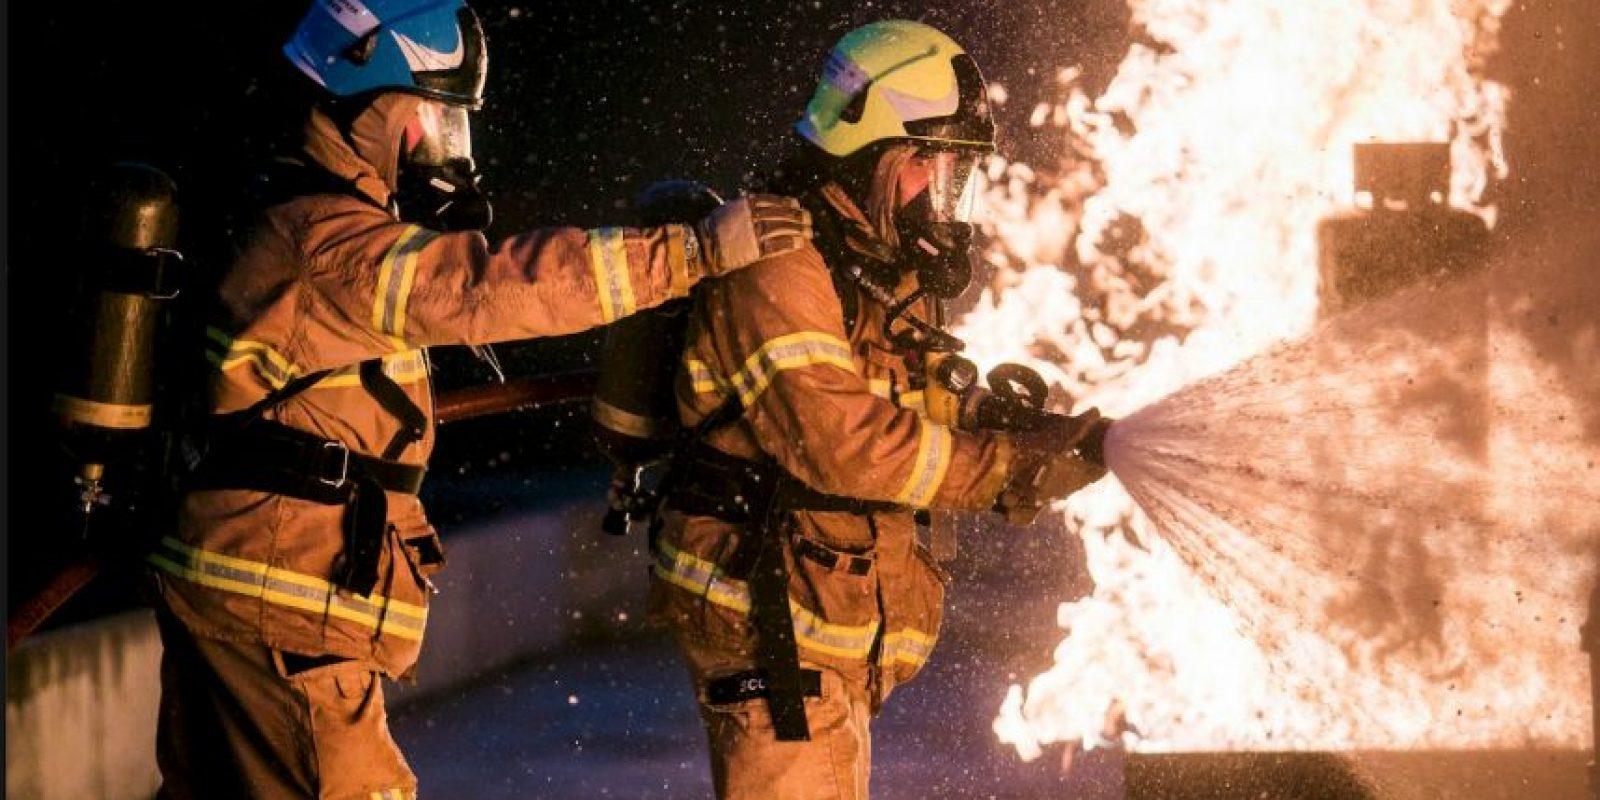 Los bomberos fueron solicitados cerca de las 18:30 tiempo local. Foto:Vía facebook.com/Melbourne.MFB